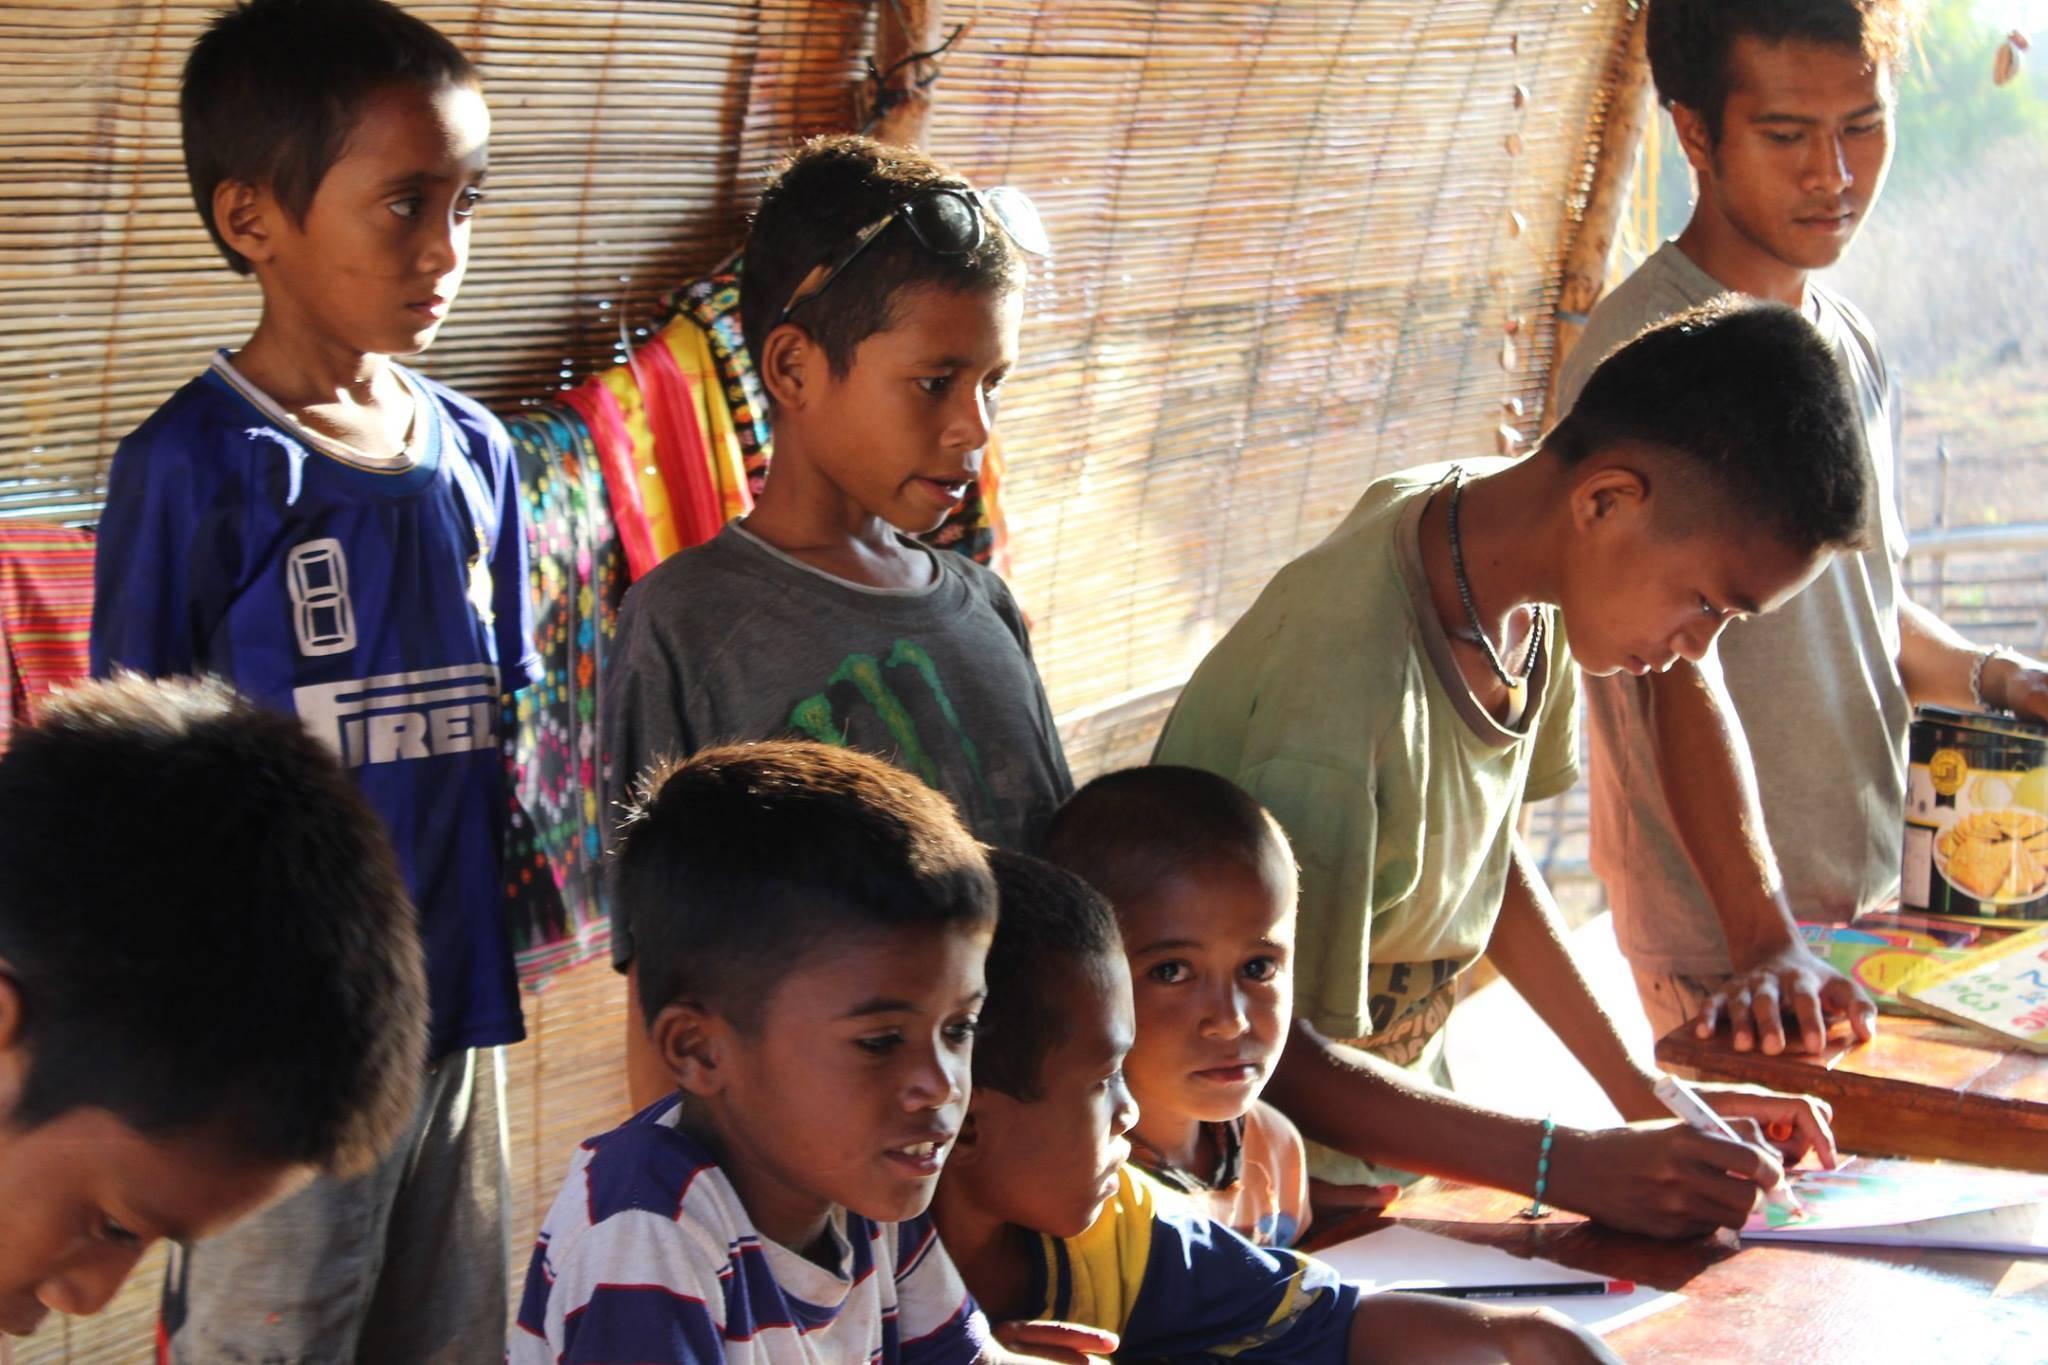 Petr Hindrich: V Indonési skončí v oceánu 6 tun plastu každou minutu. Inspirujme a vzdělávejme děti žít udržitelně